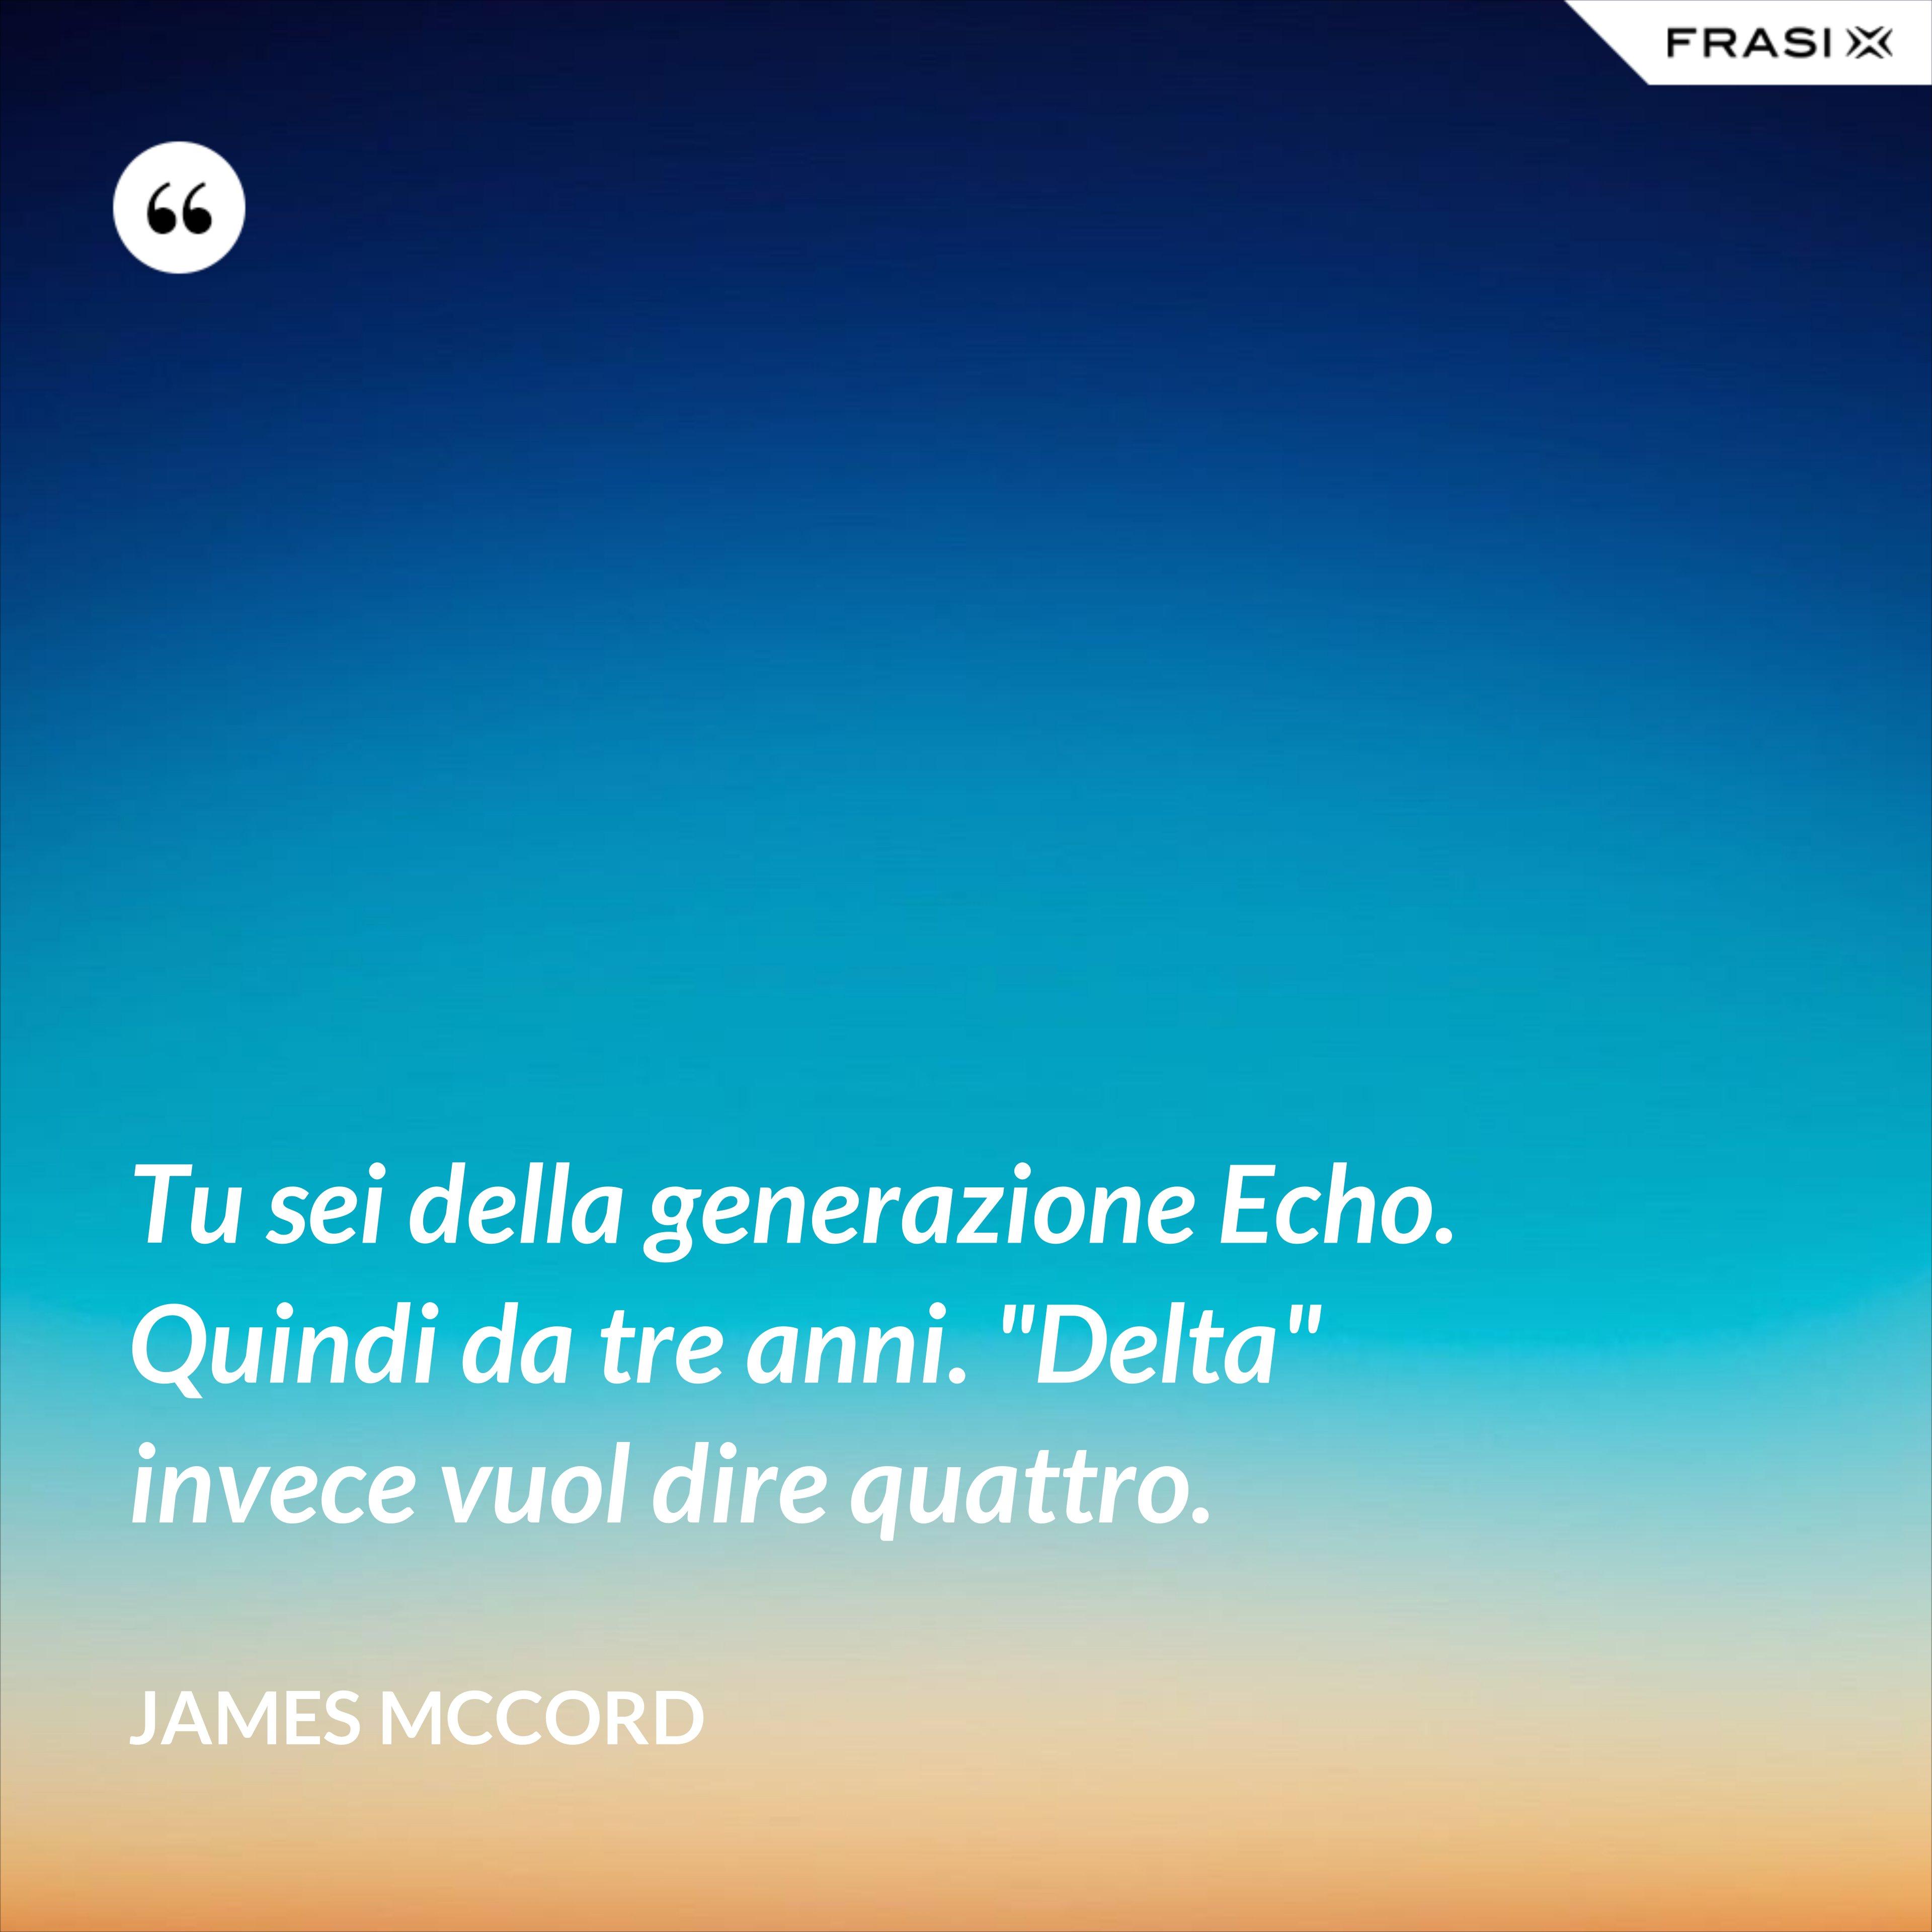 """Tu sei della generazione Echo. Quindi da tre anni. """"Delta"""" invece vuol dire quattro. - James McCord"""